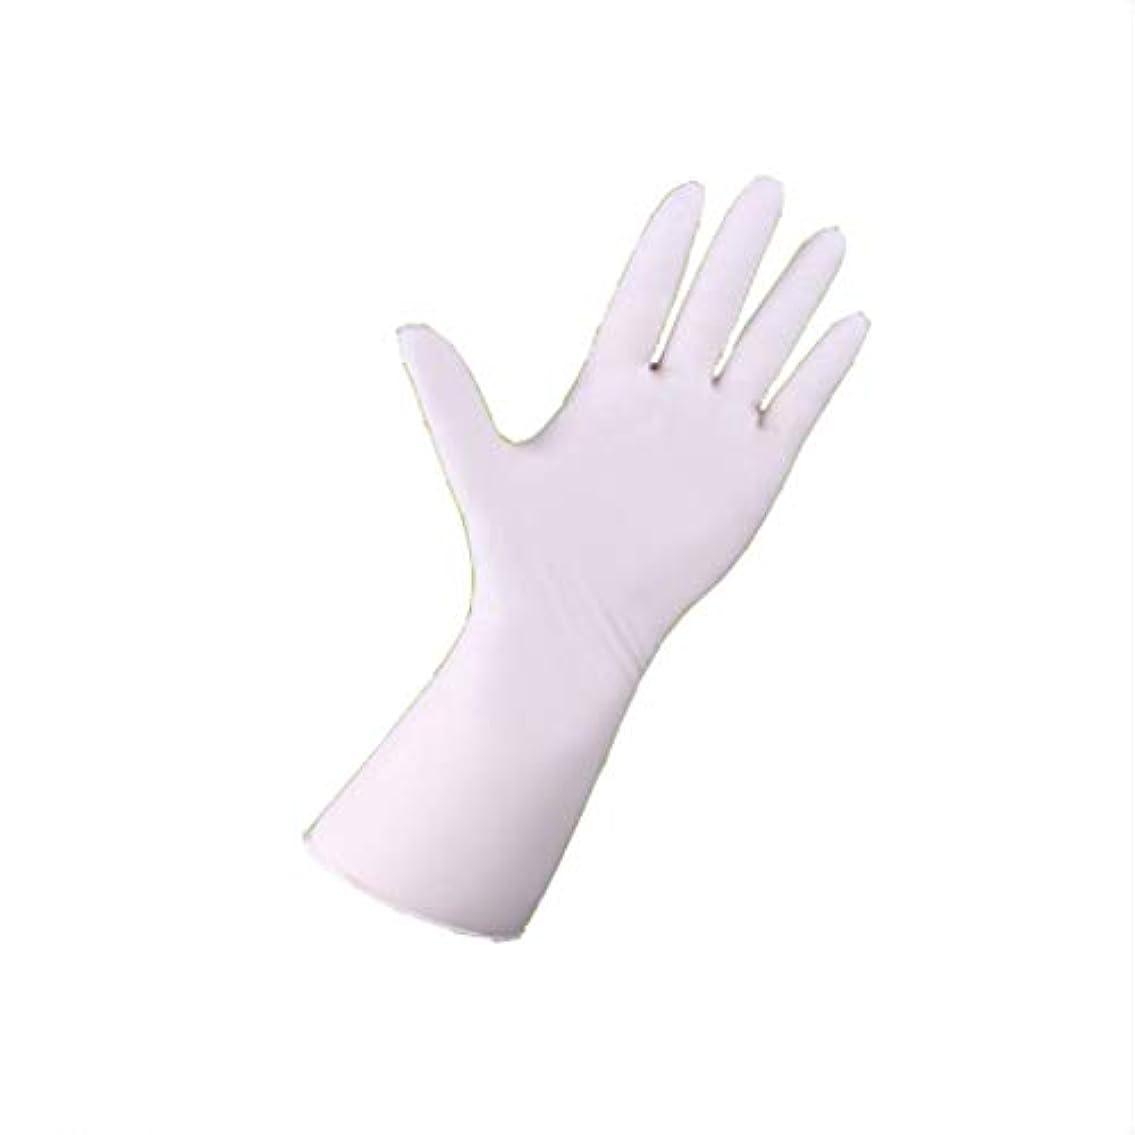 溶けるバリア競合他社選手手袋、使い捨て手袋、長いゴムラボ、帯電防止ペディキュア、マッサージ、ハンドマッサージ100 (サイズ さいず : S s)